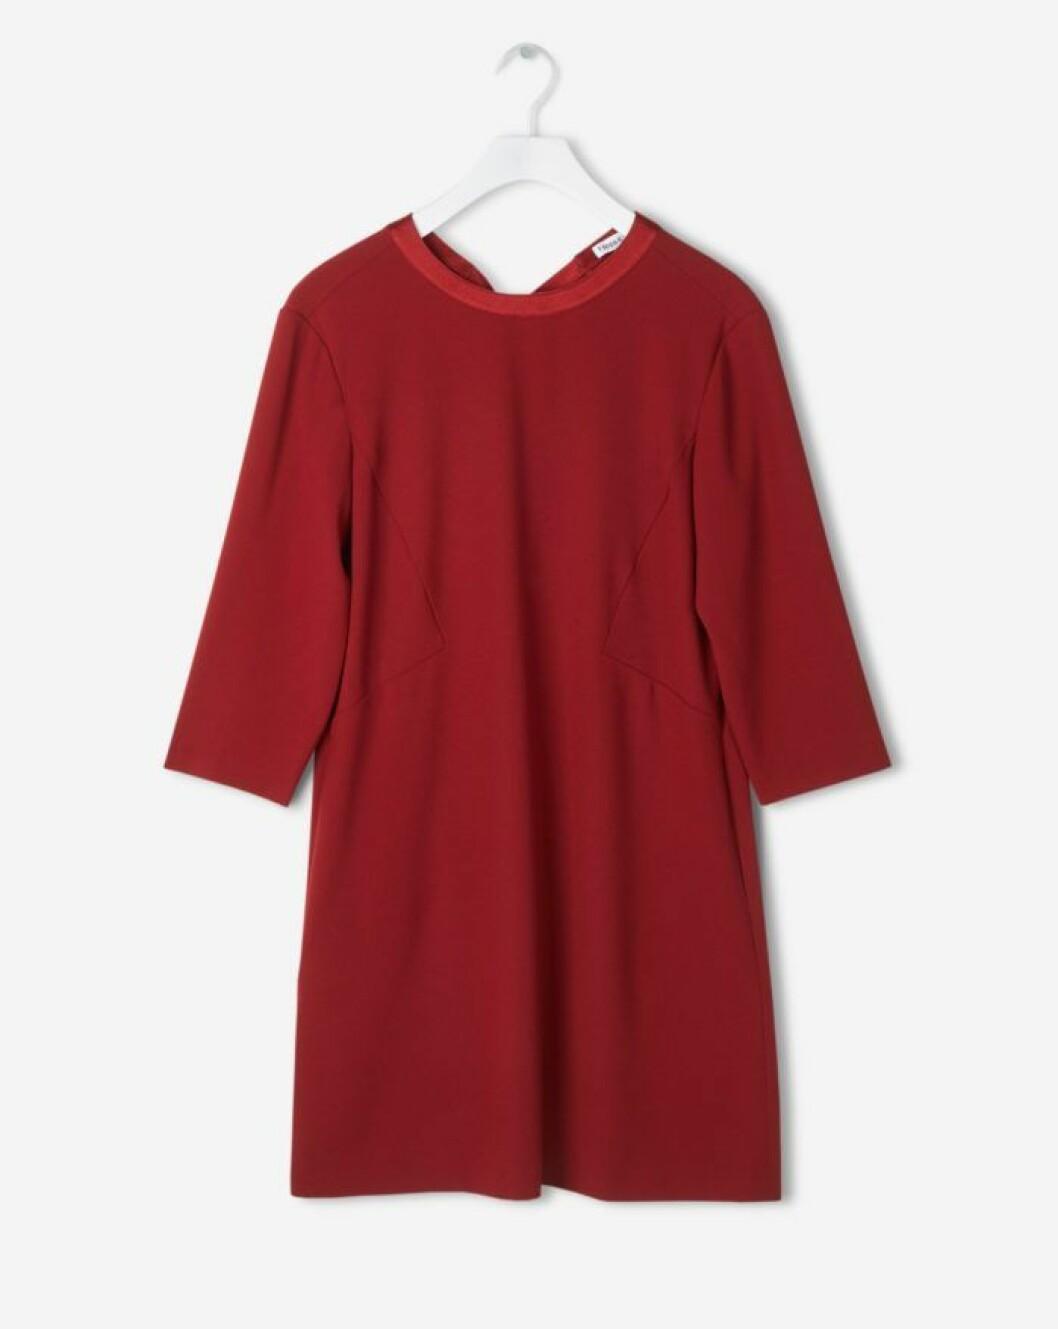 röd klänning med knytband i nacken från Filippa K